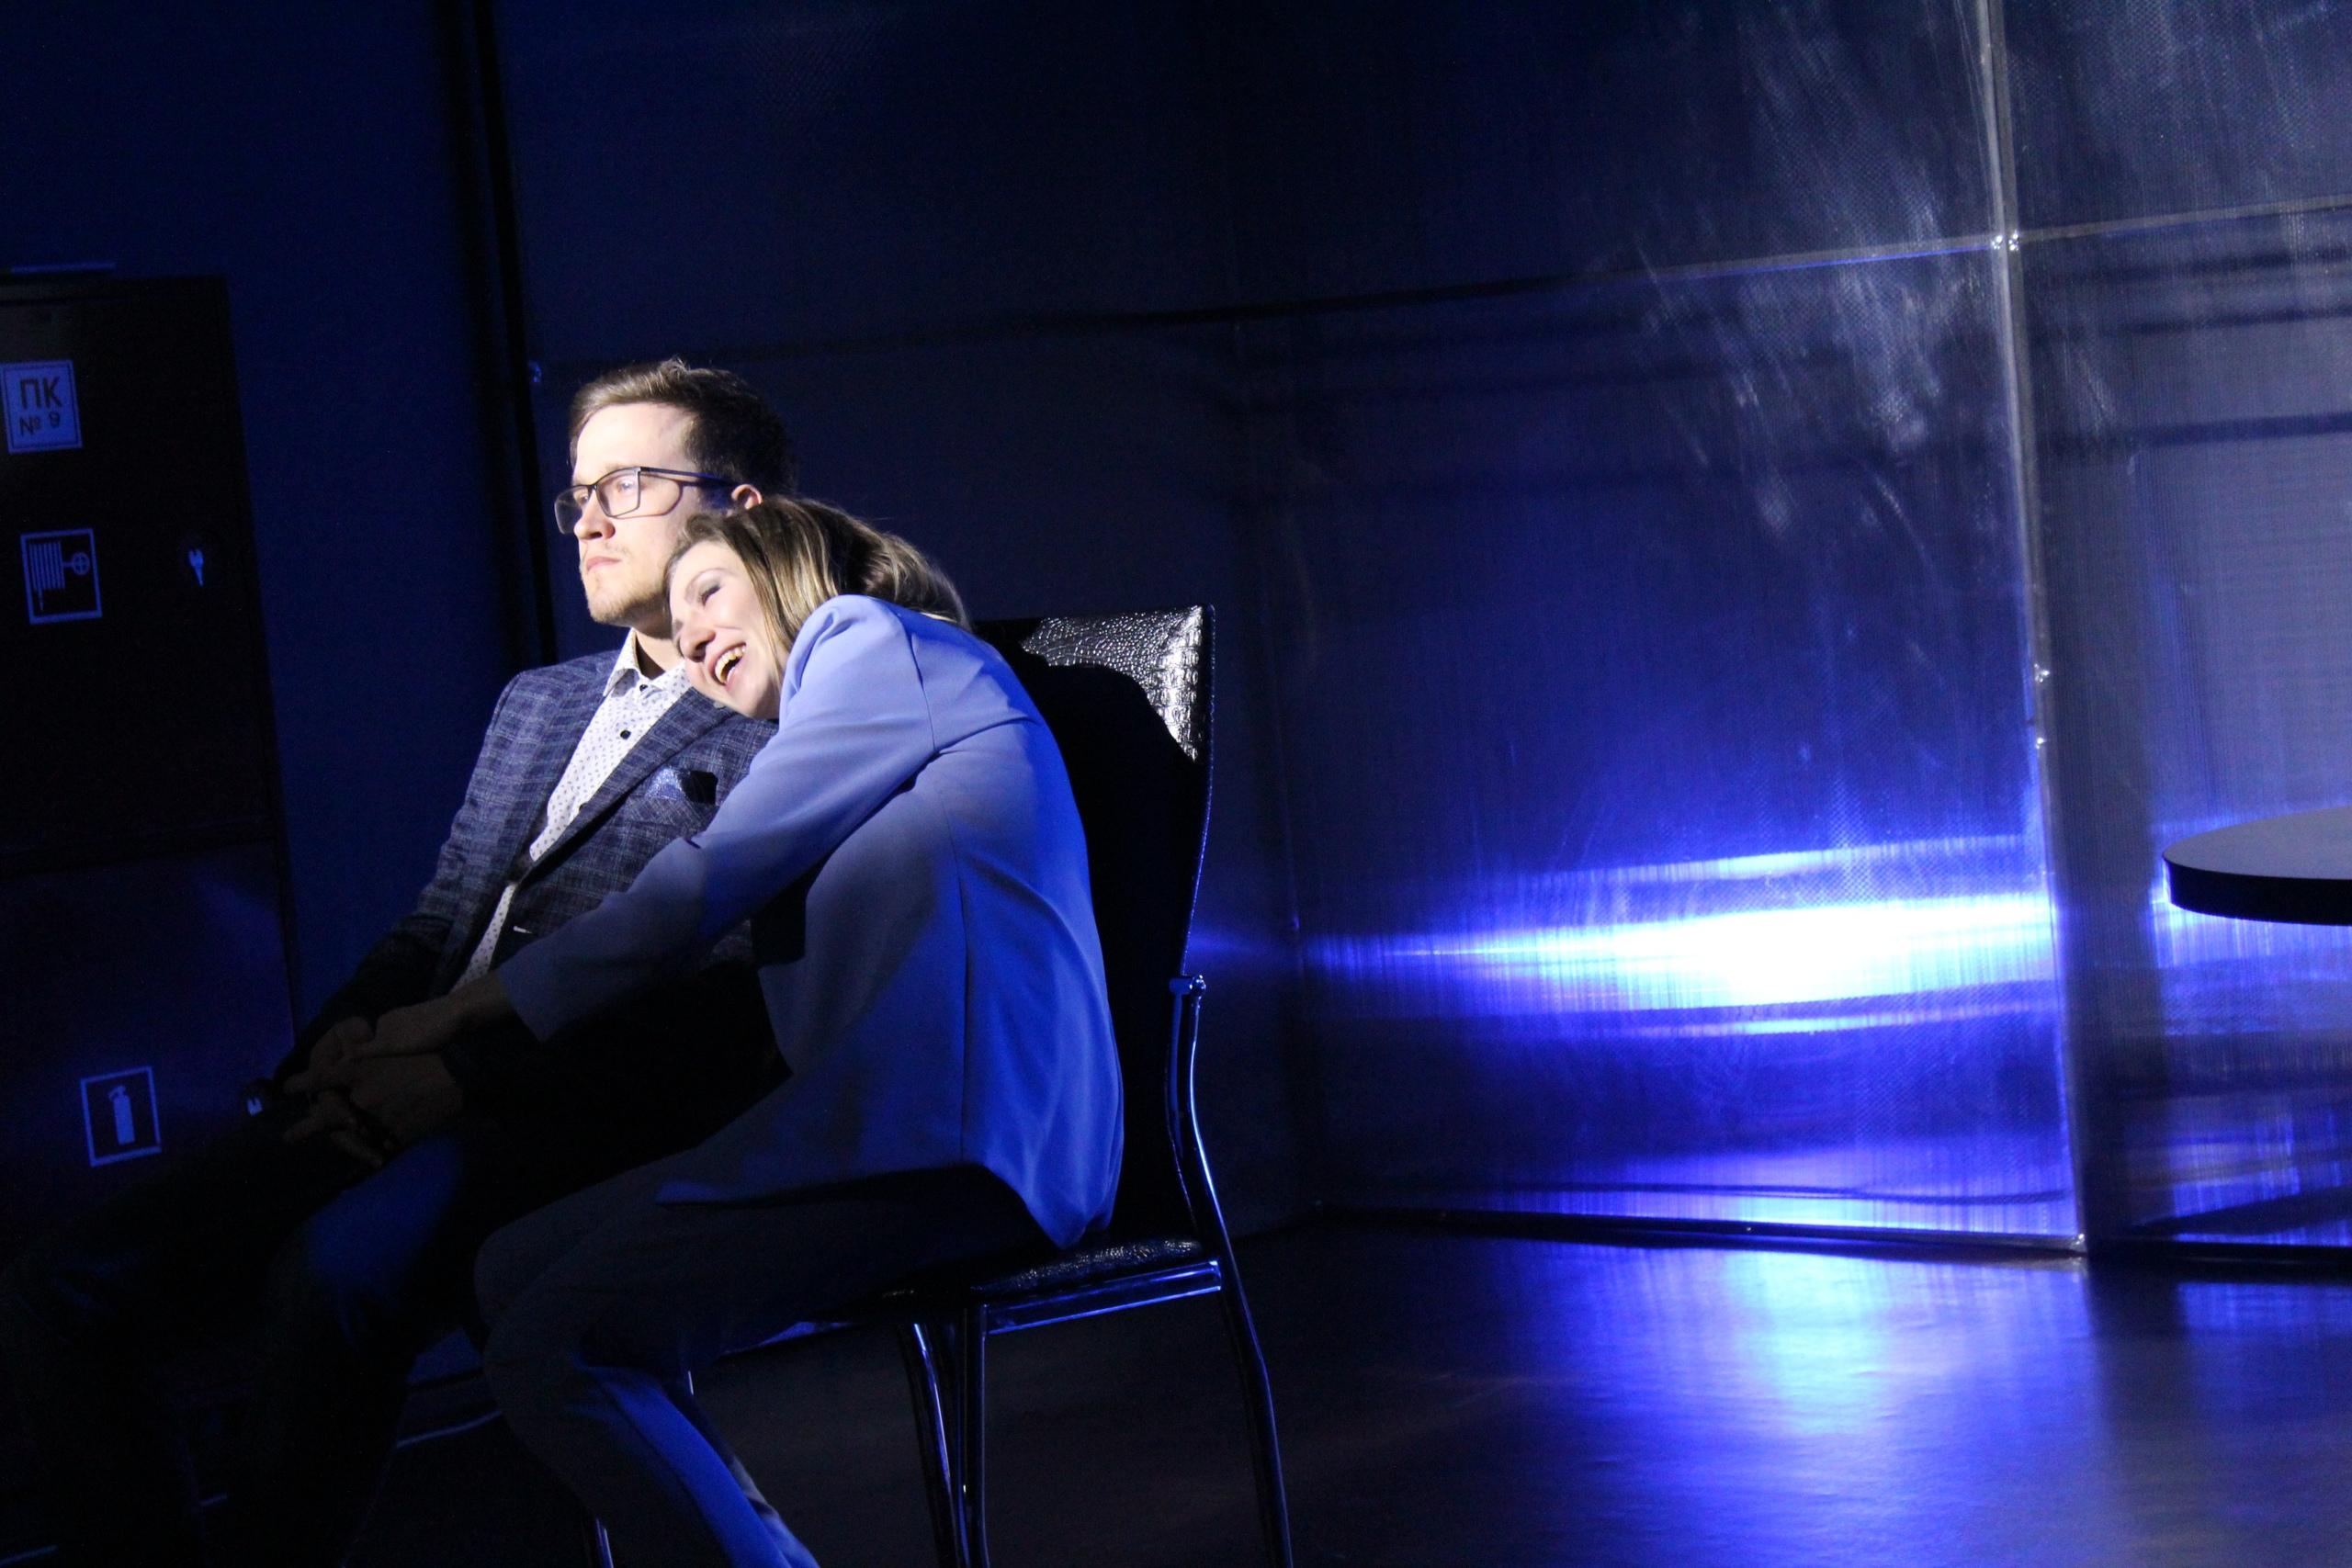 Интервью с режиссёром спектакля Путаница - Артёмом Терёхиным 3